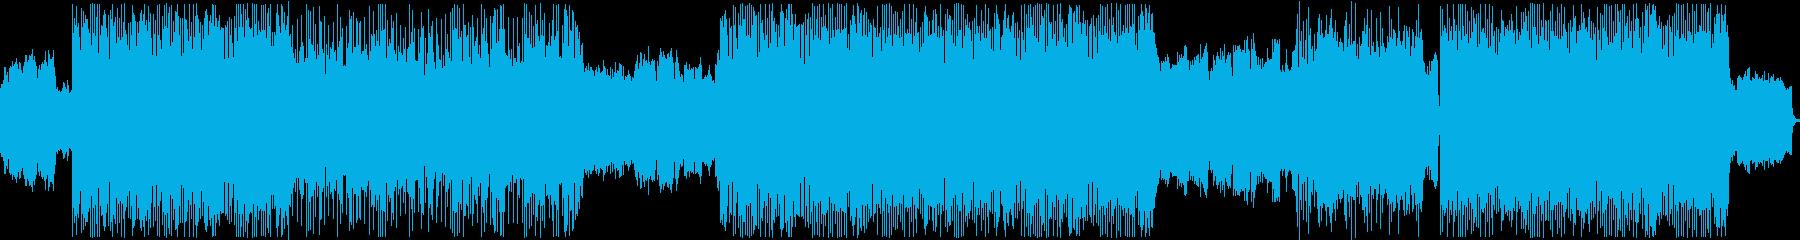 ゲーム バトルの再生済みの波形